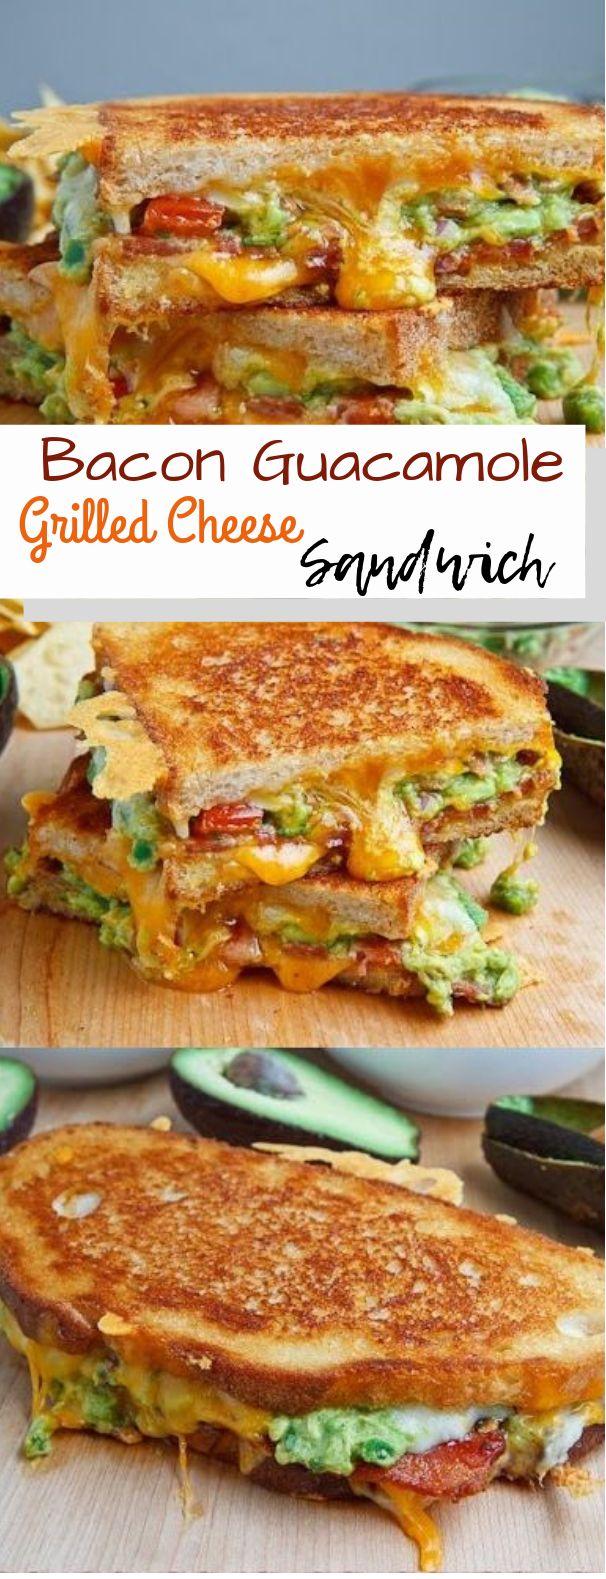 Bacon Guacamole Grilled Cheese Sandwich #sandwich #deliciousrecipe